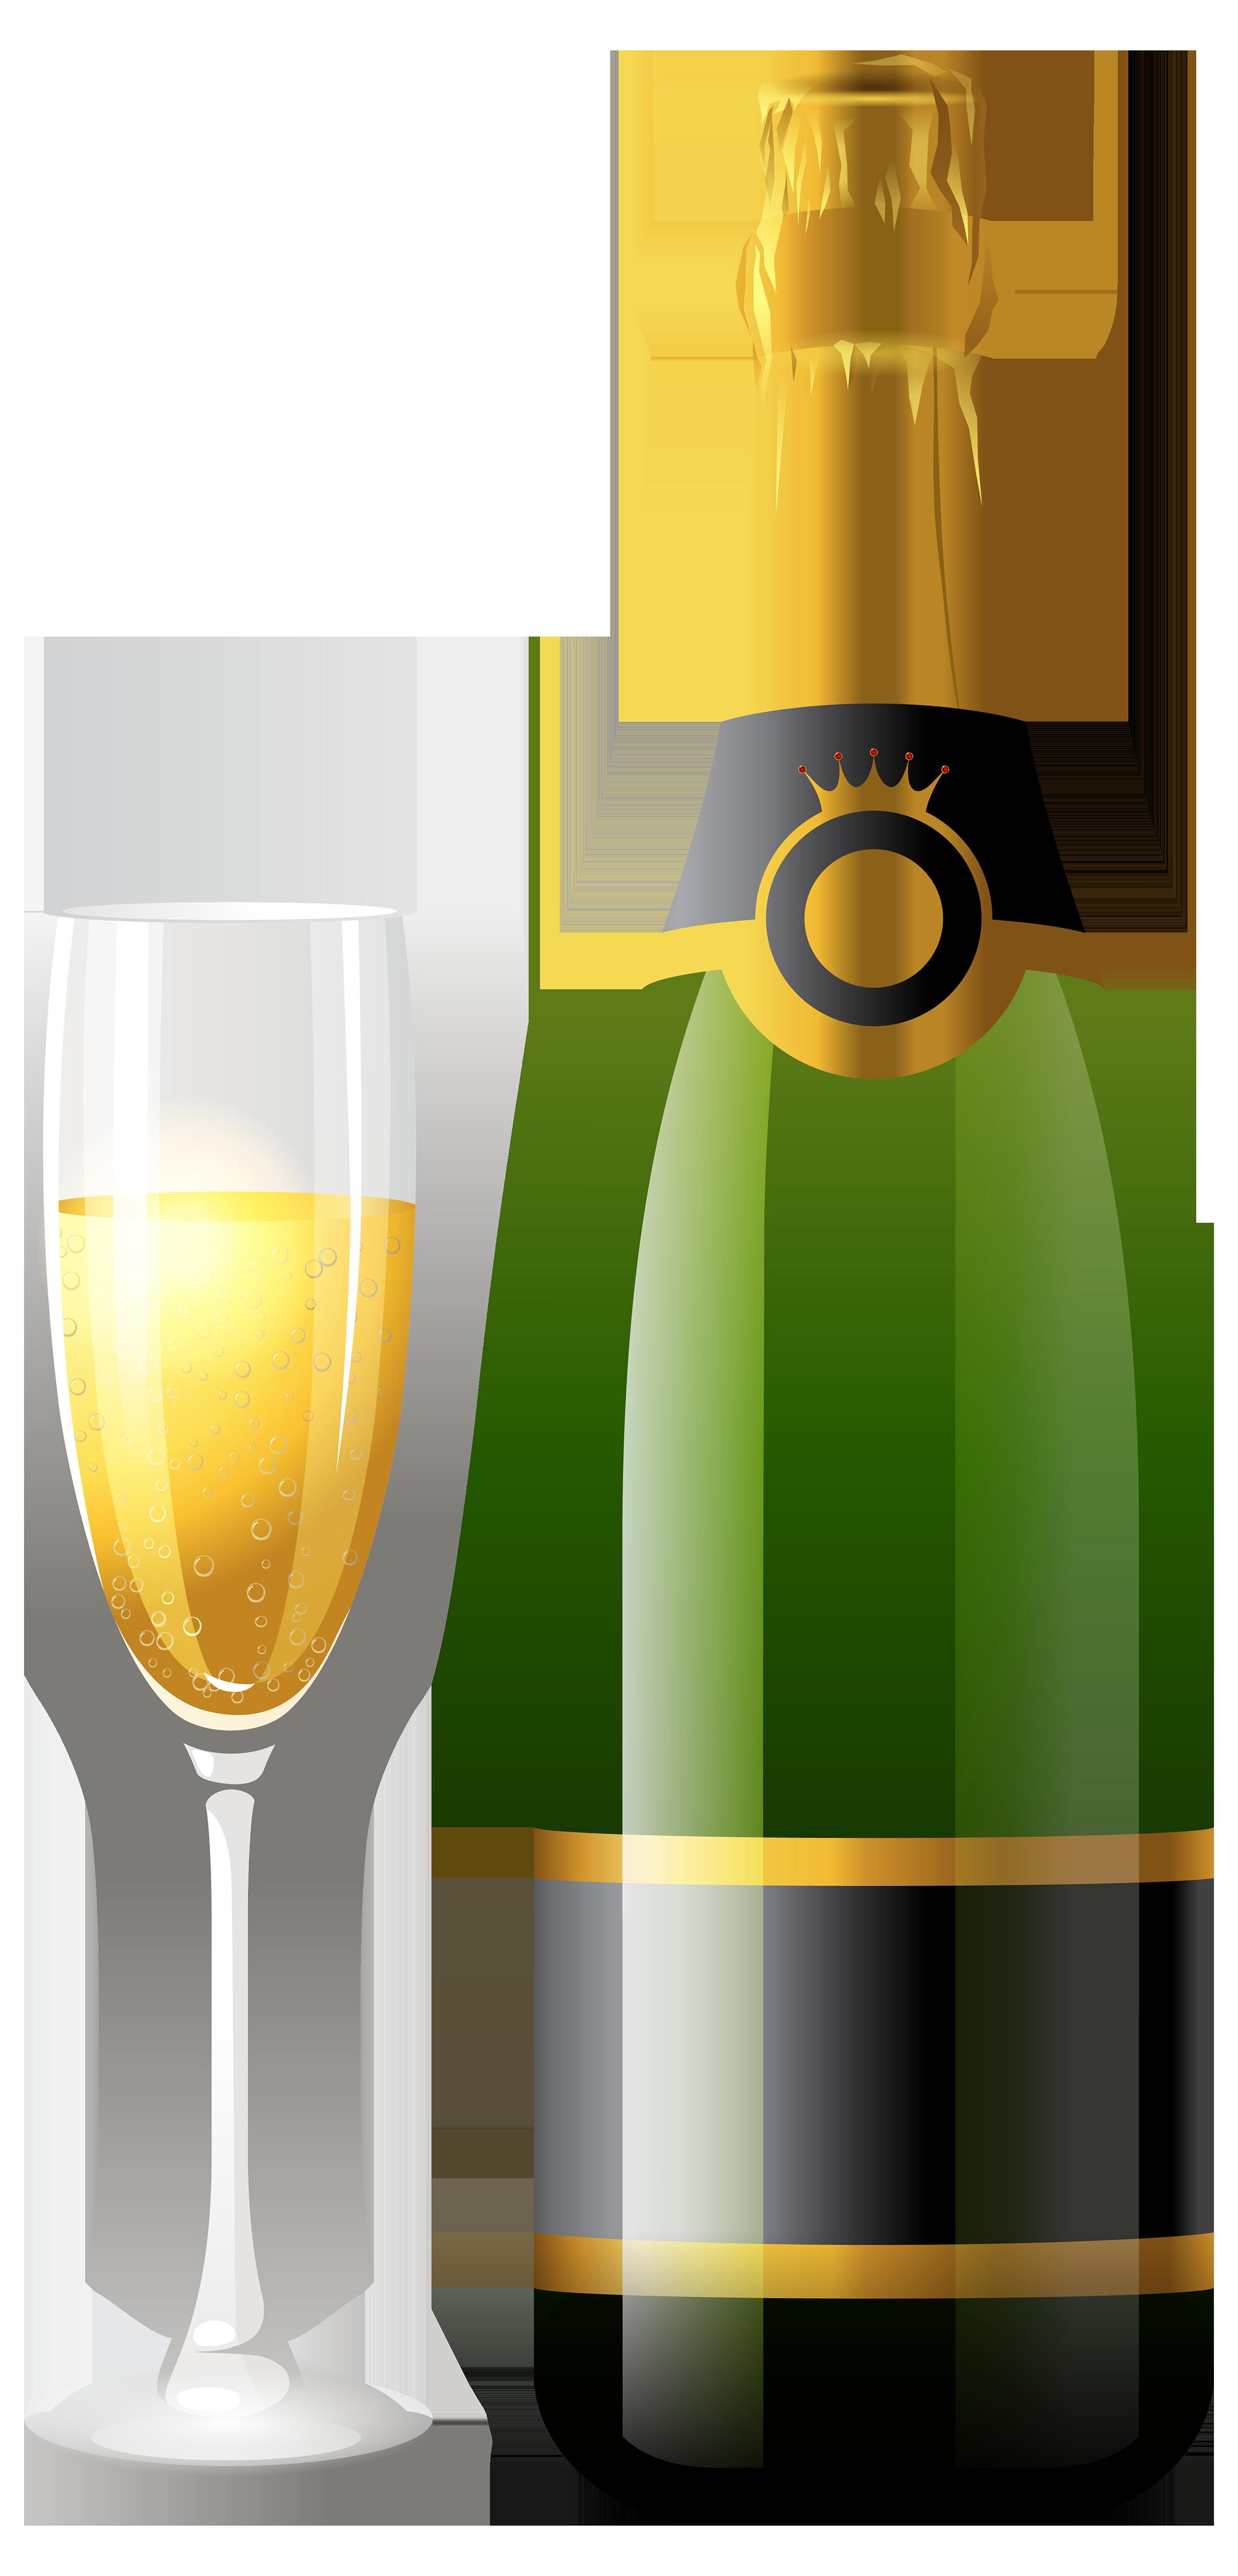 champagne clipart bottle glasses szukaj w google r ne rh pinterest co uk Rum Bottle Clip Art Pill Bottle Cartoon